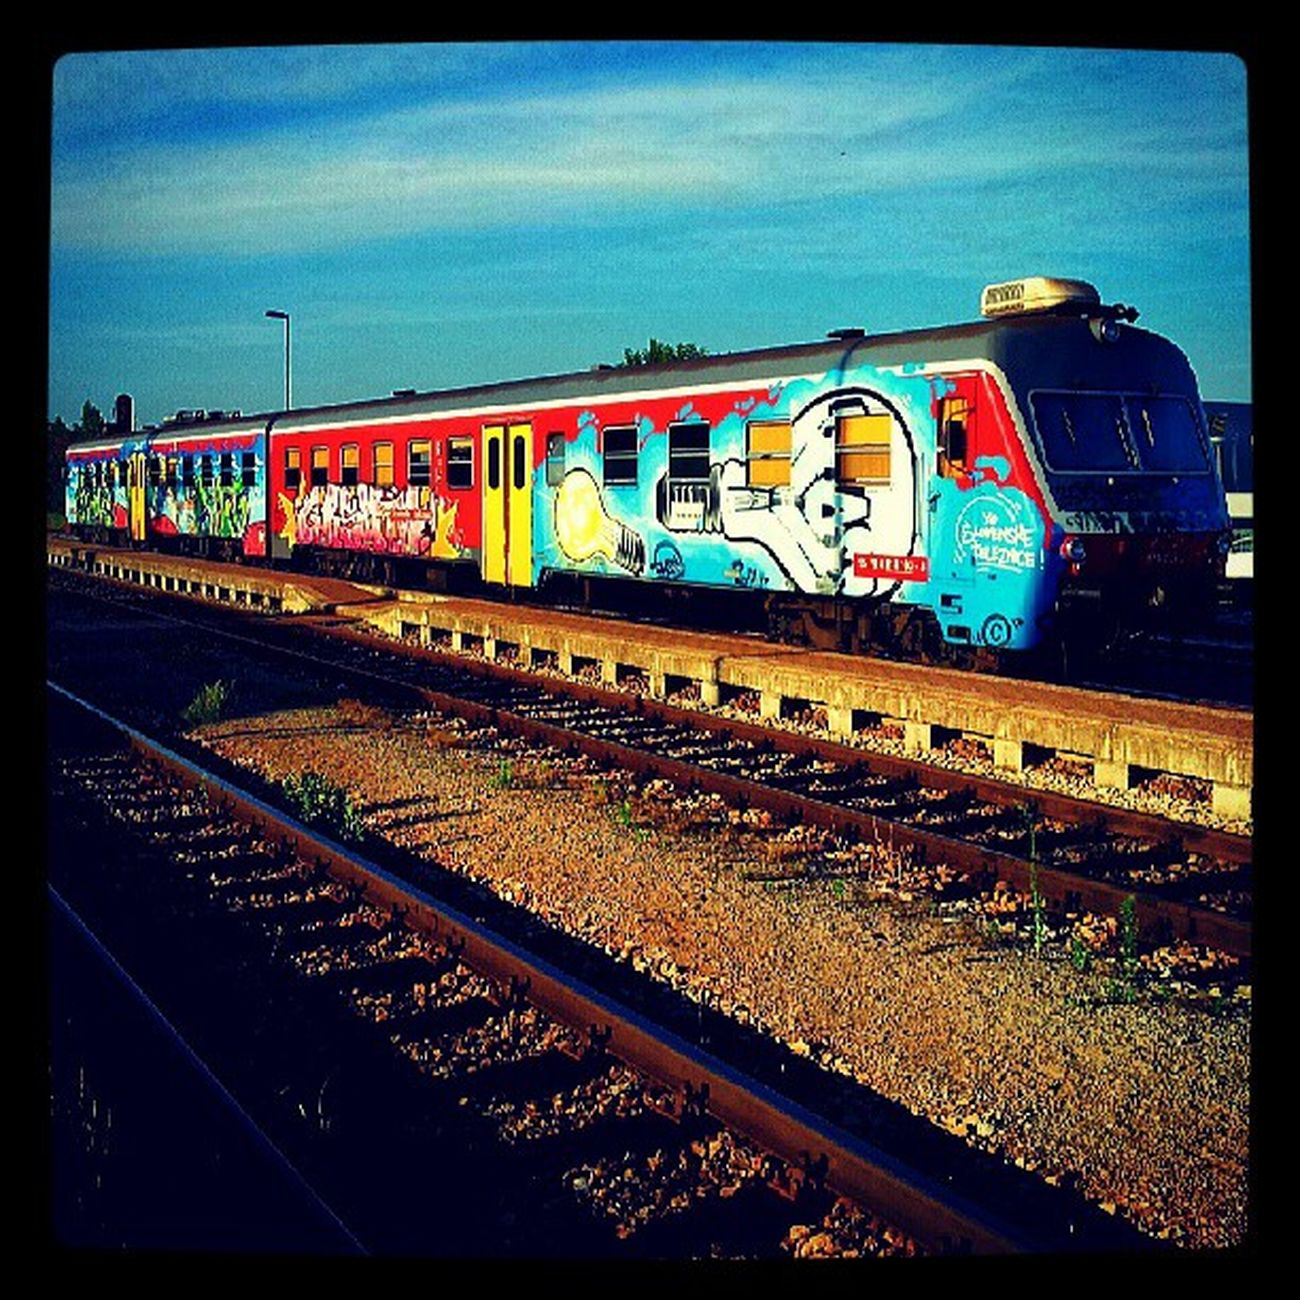 Igslovenia Zelezniska Postaja Murska sobota potniski vlak diesel nafta